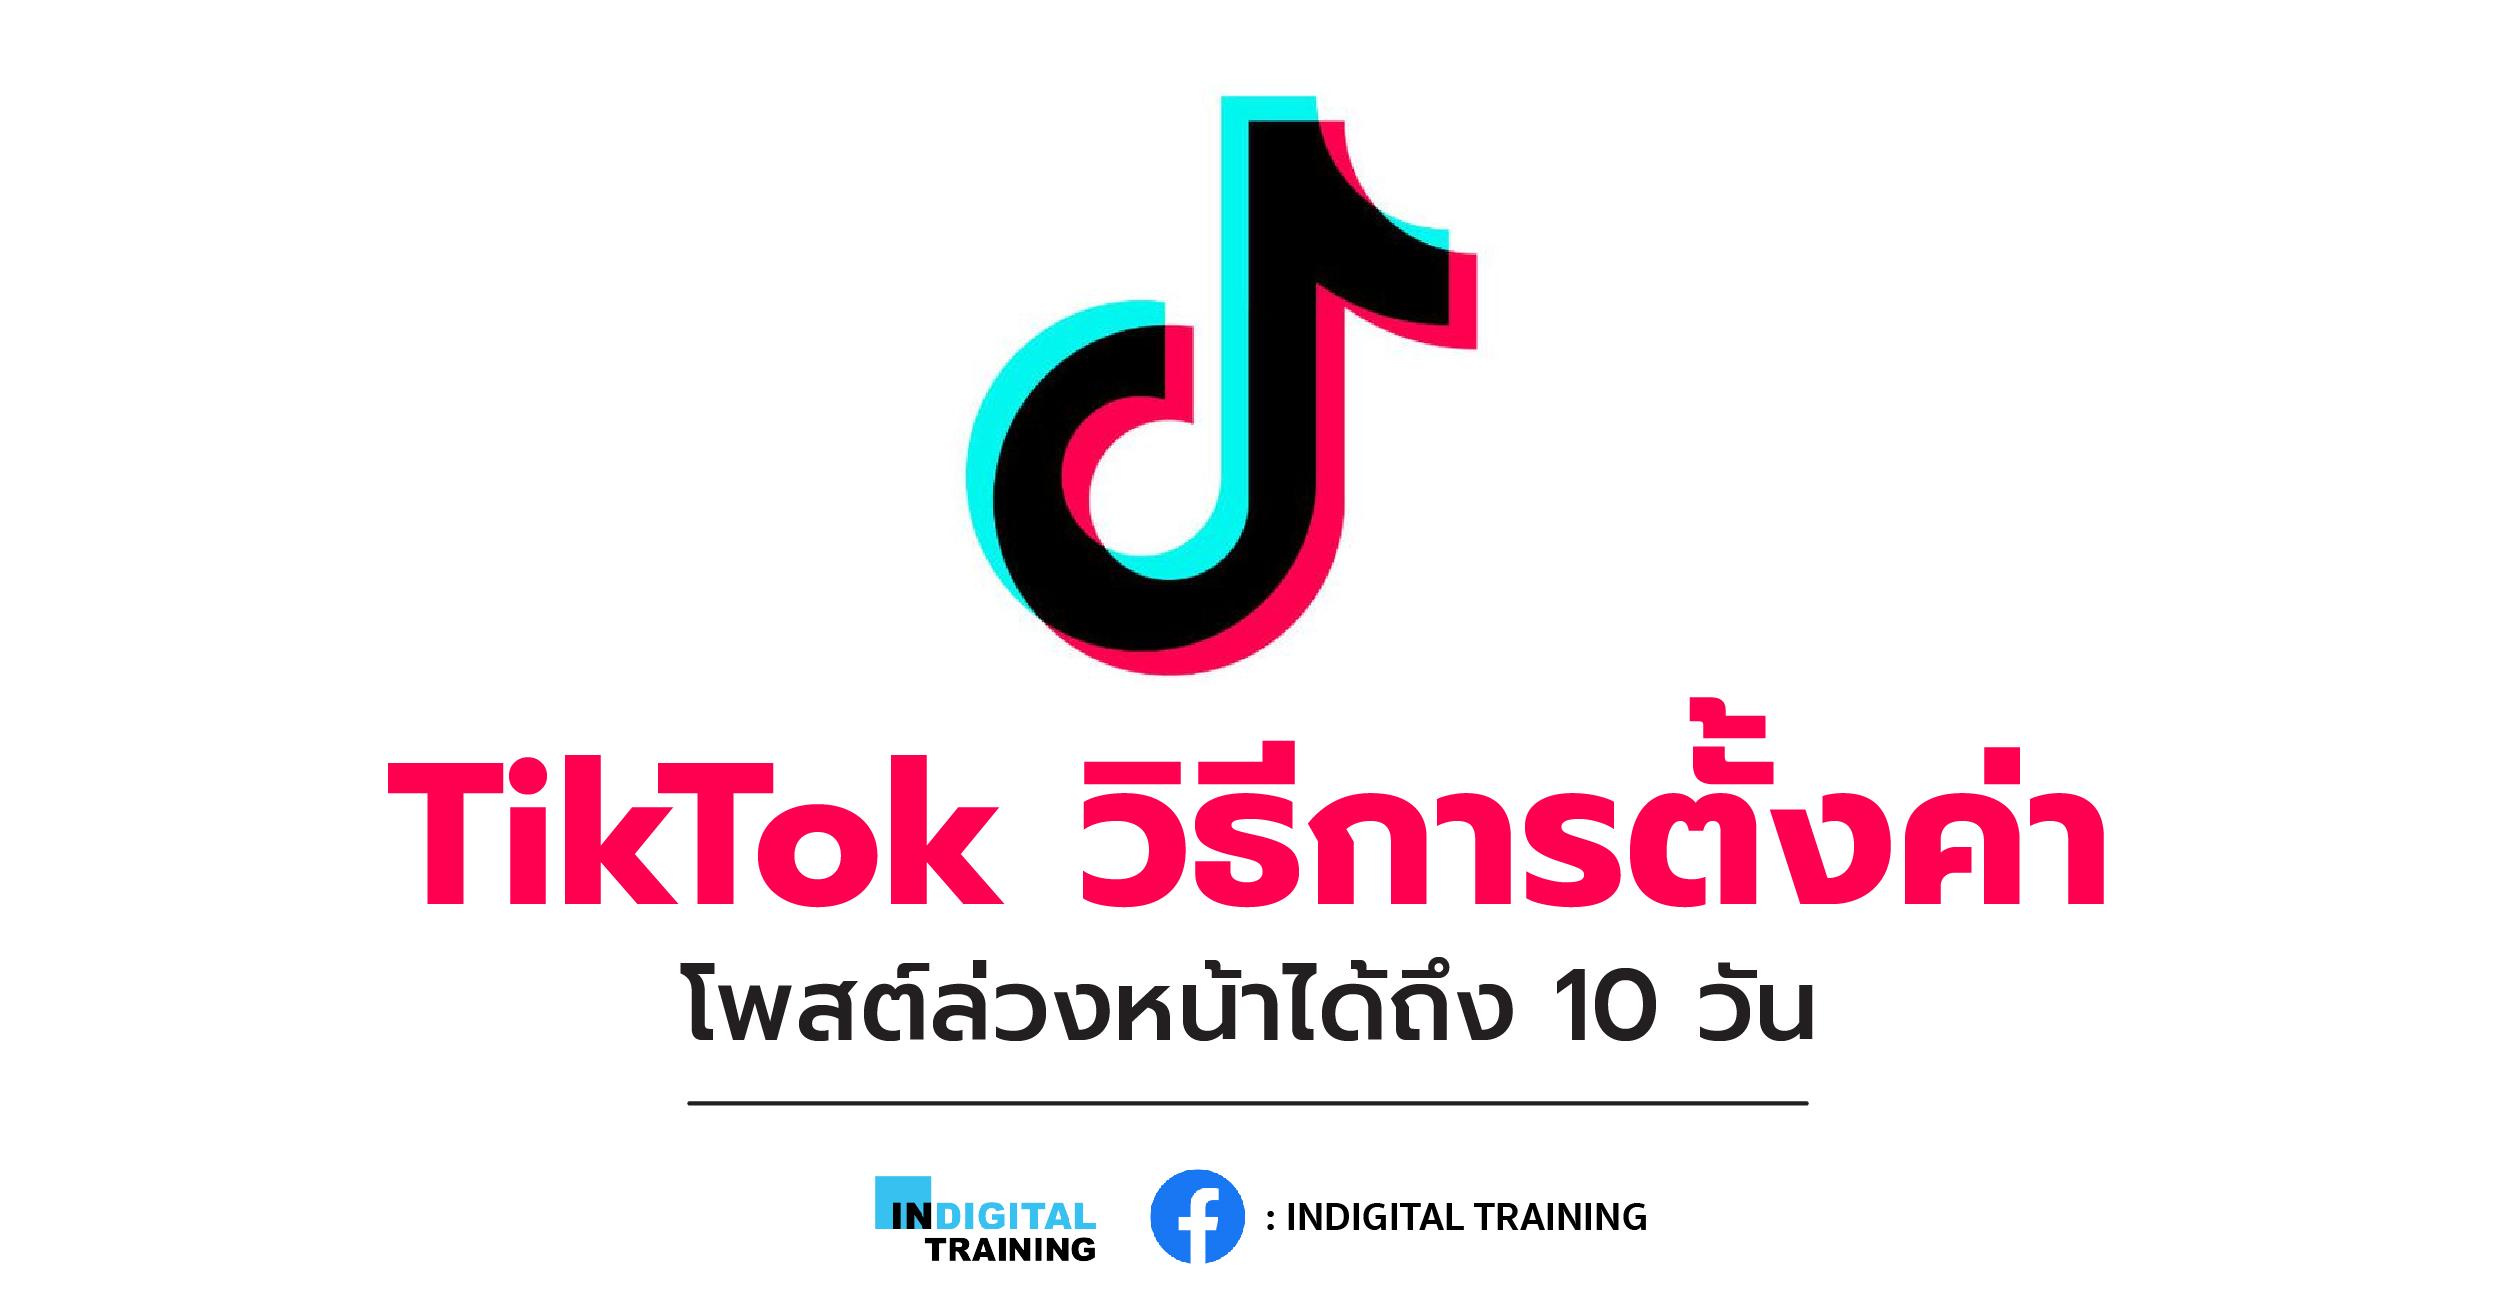 TikTok วิธีการตั้งค่า โพสต์ล่วงหน้าได้ถึง 10 วัน